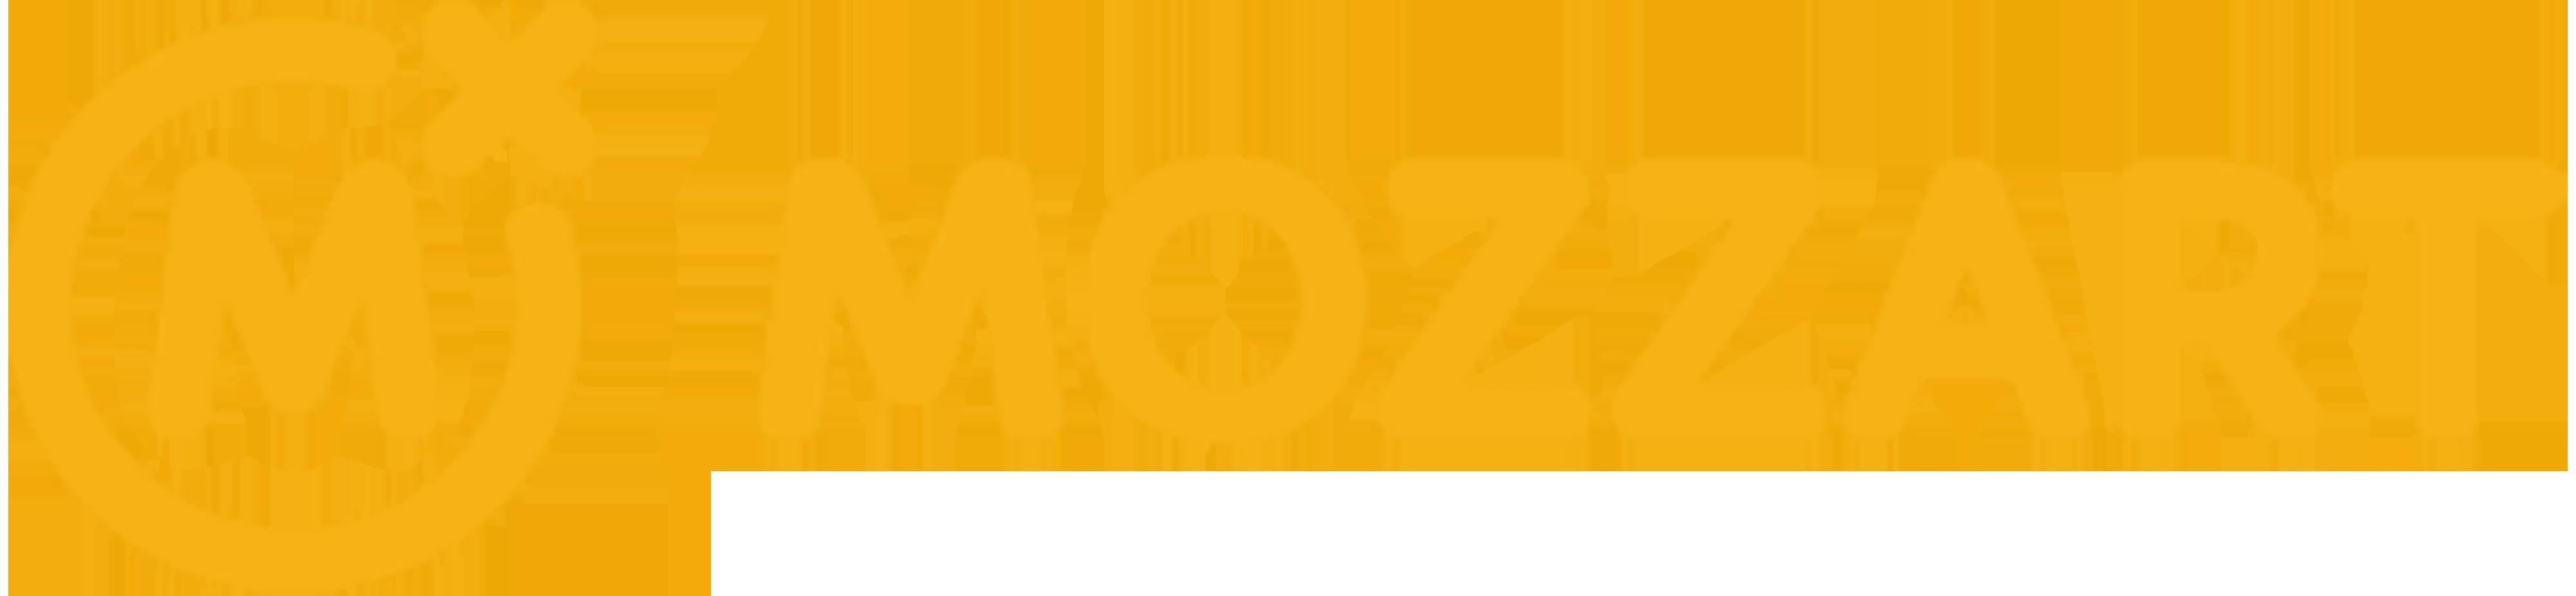 Mozzartt